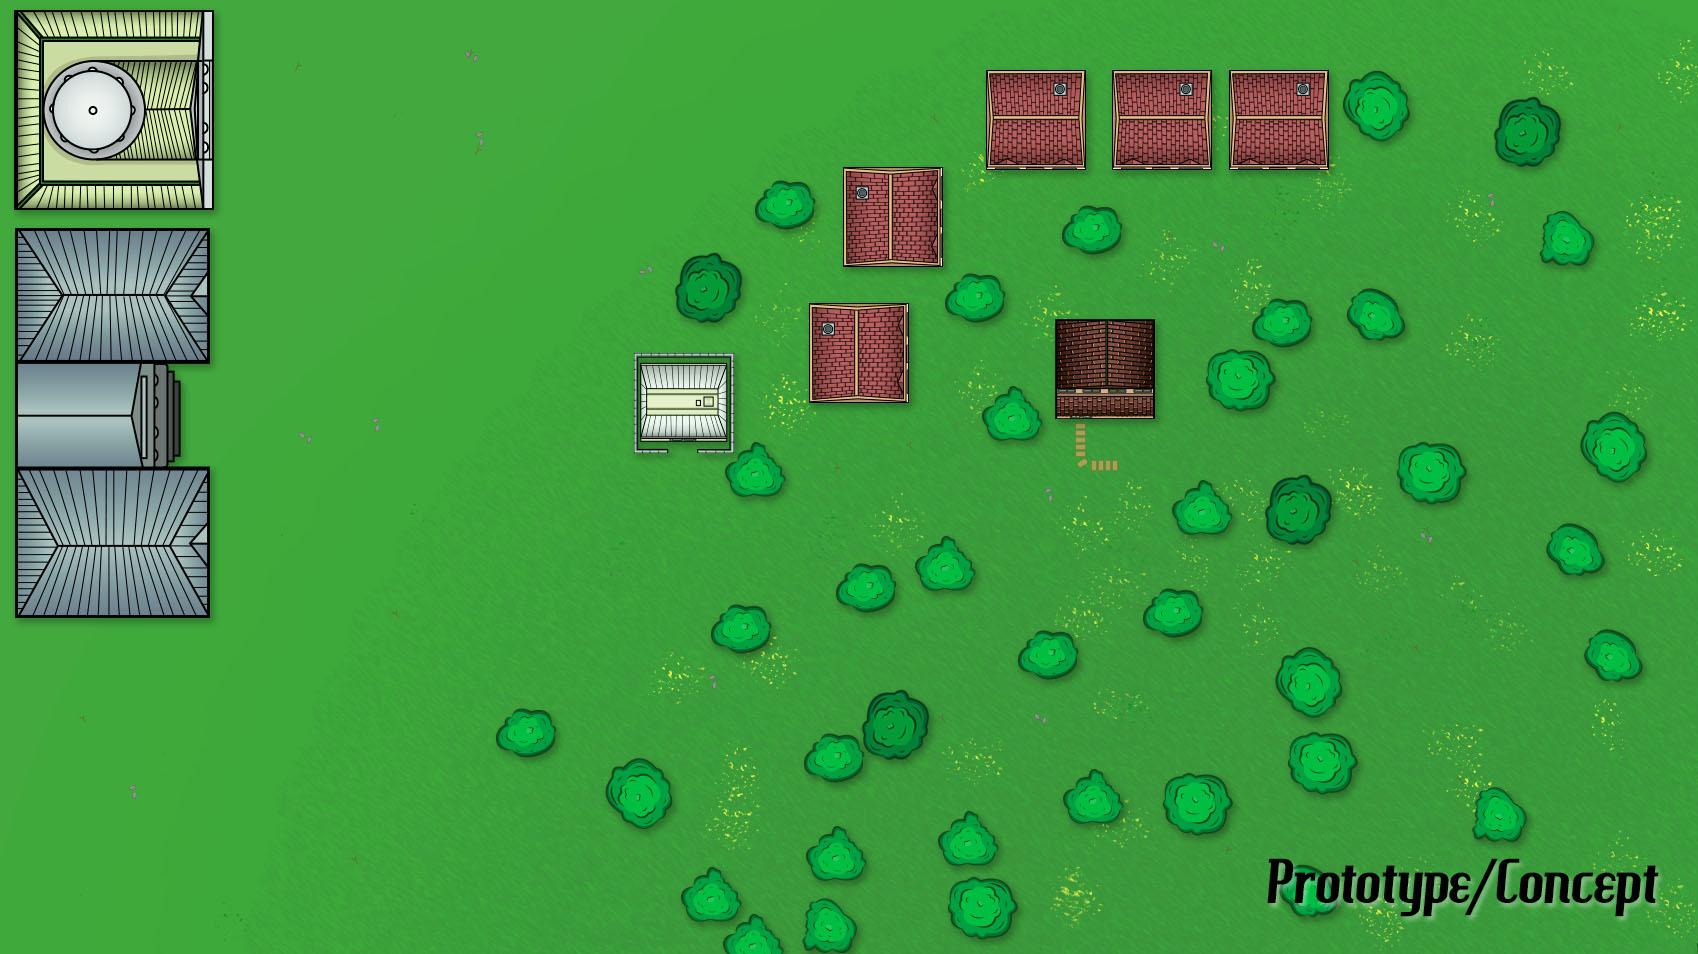 prototypeConcept.jpg